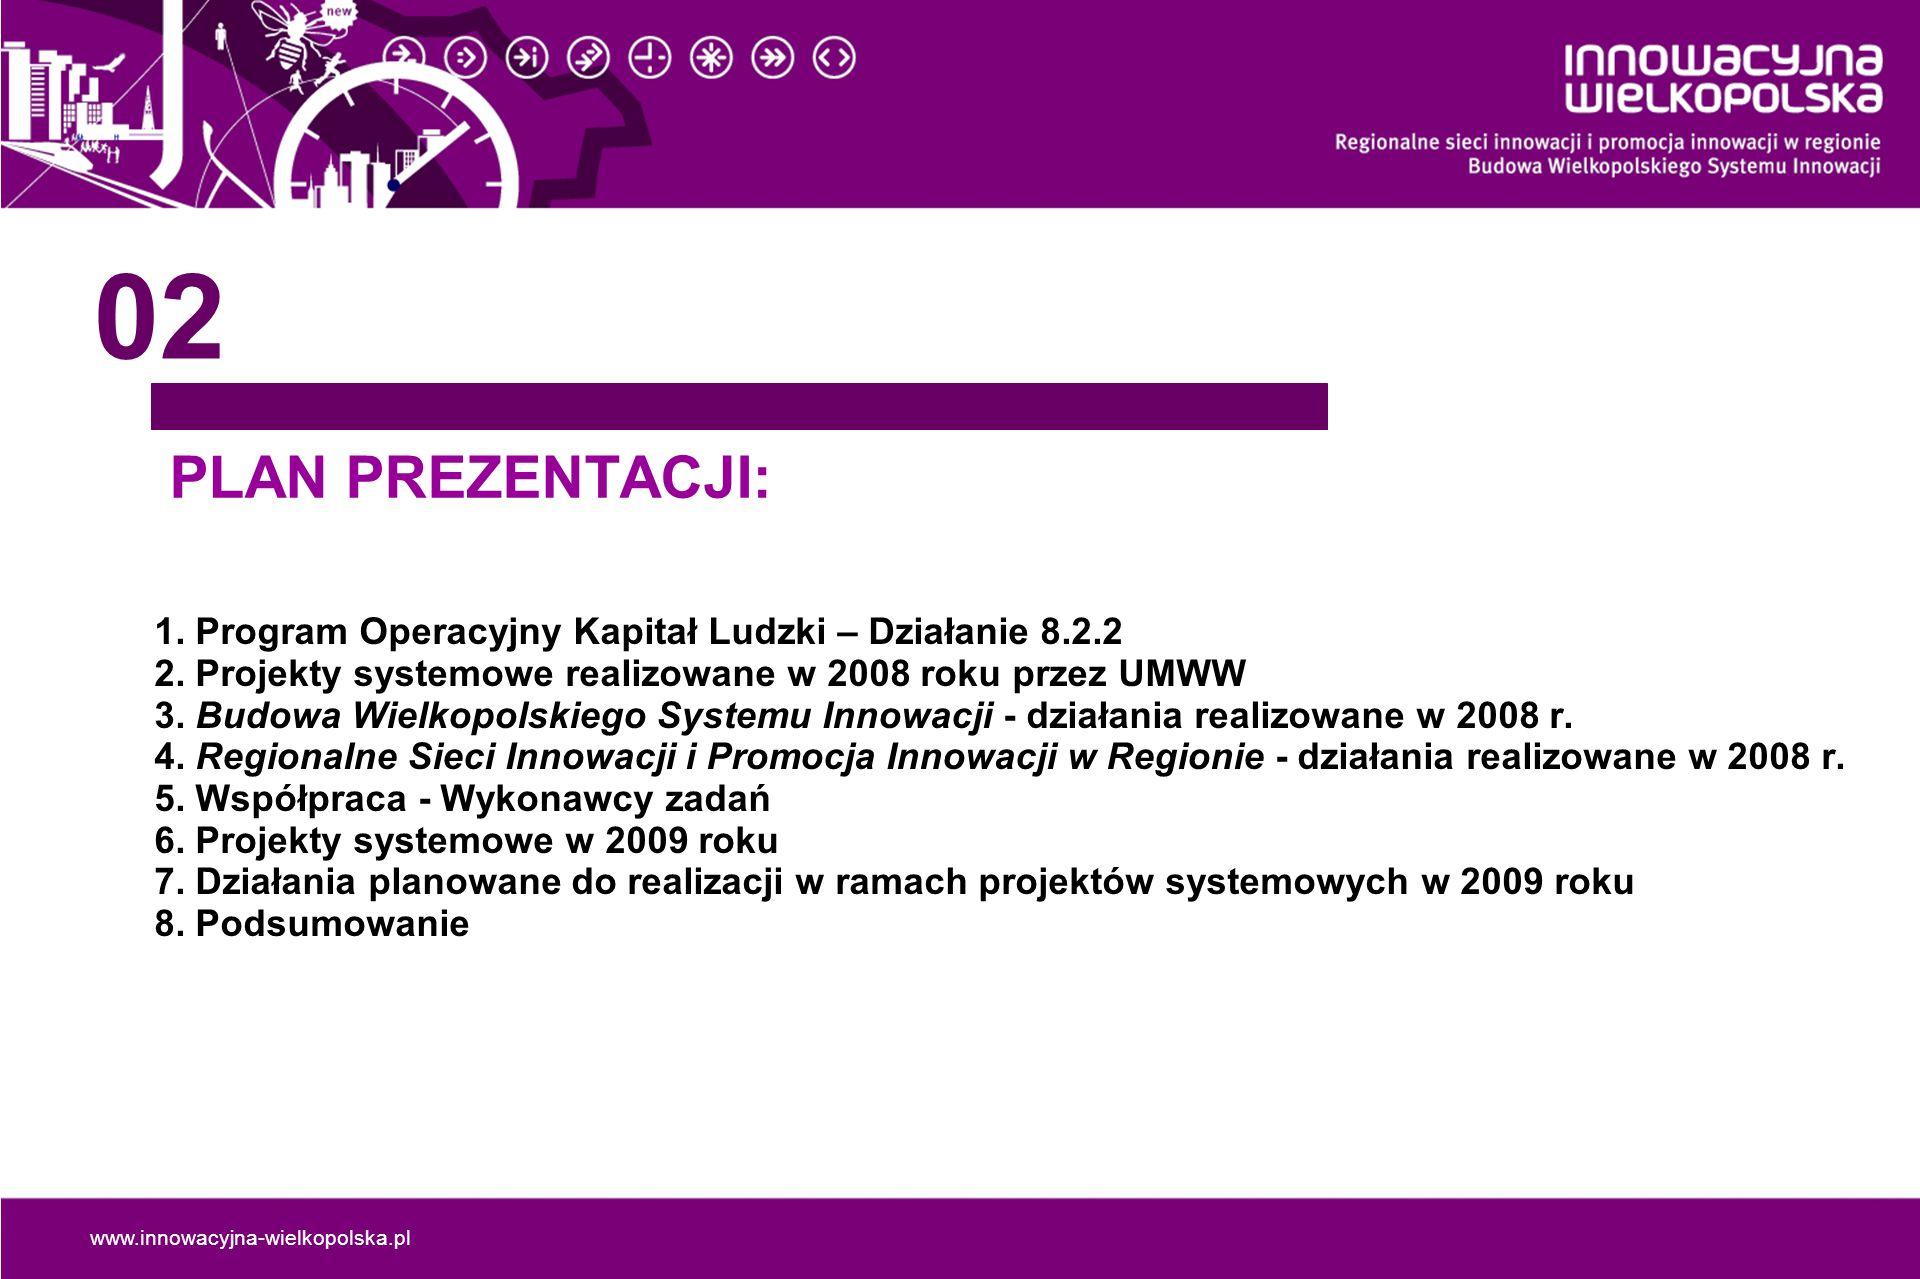 www.innowacyjna-wielkopolska.pl PLAN PREZENTACJI: 02 1. Program Operacyjny Kapitał Ludzki – Działanie 8.2.2 2. Projekty systemowe realizowane w 2008 r